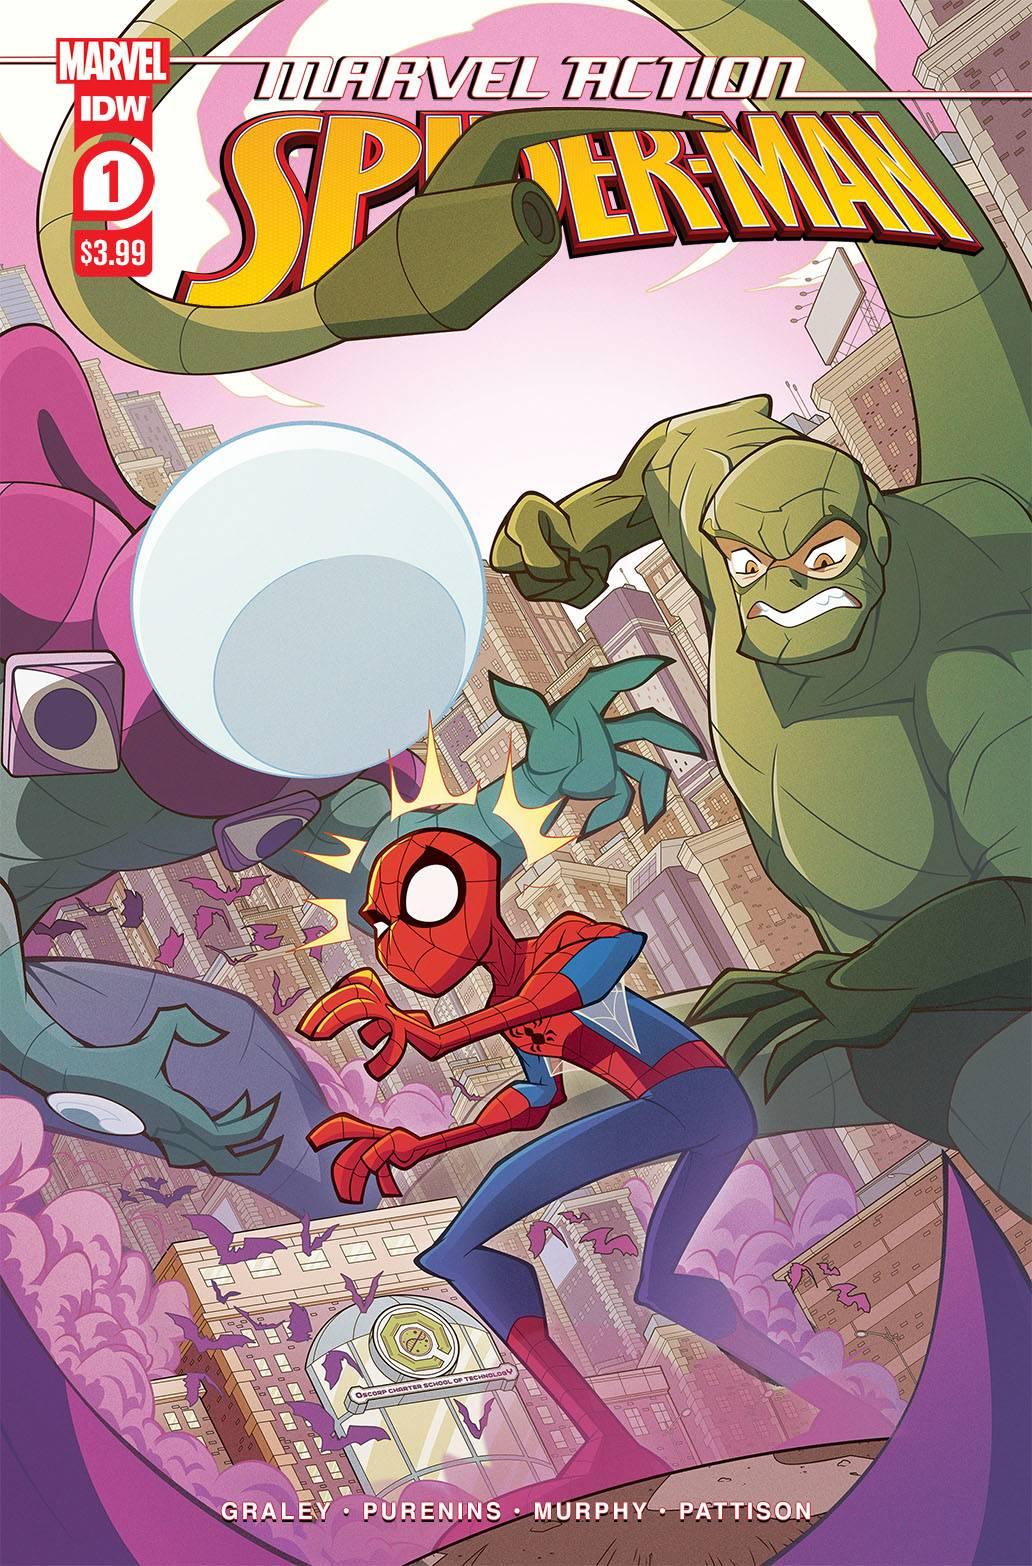 MARVEL ACTION SPIDER-MAN #1